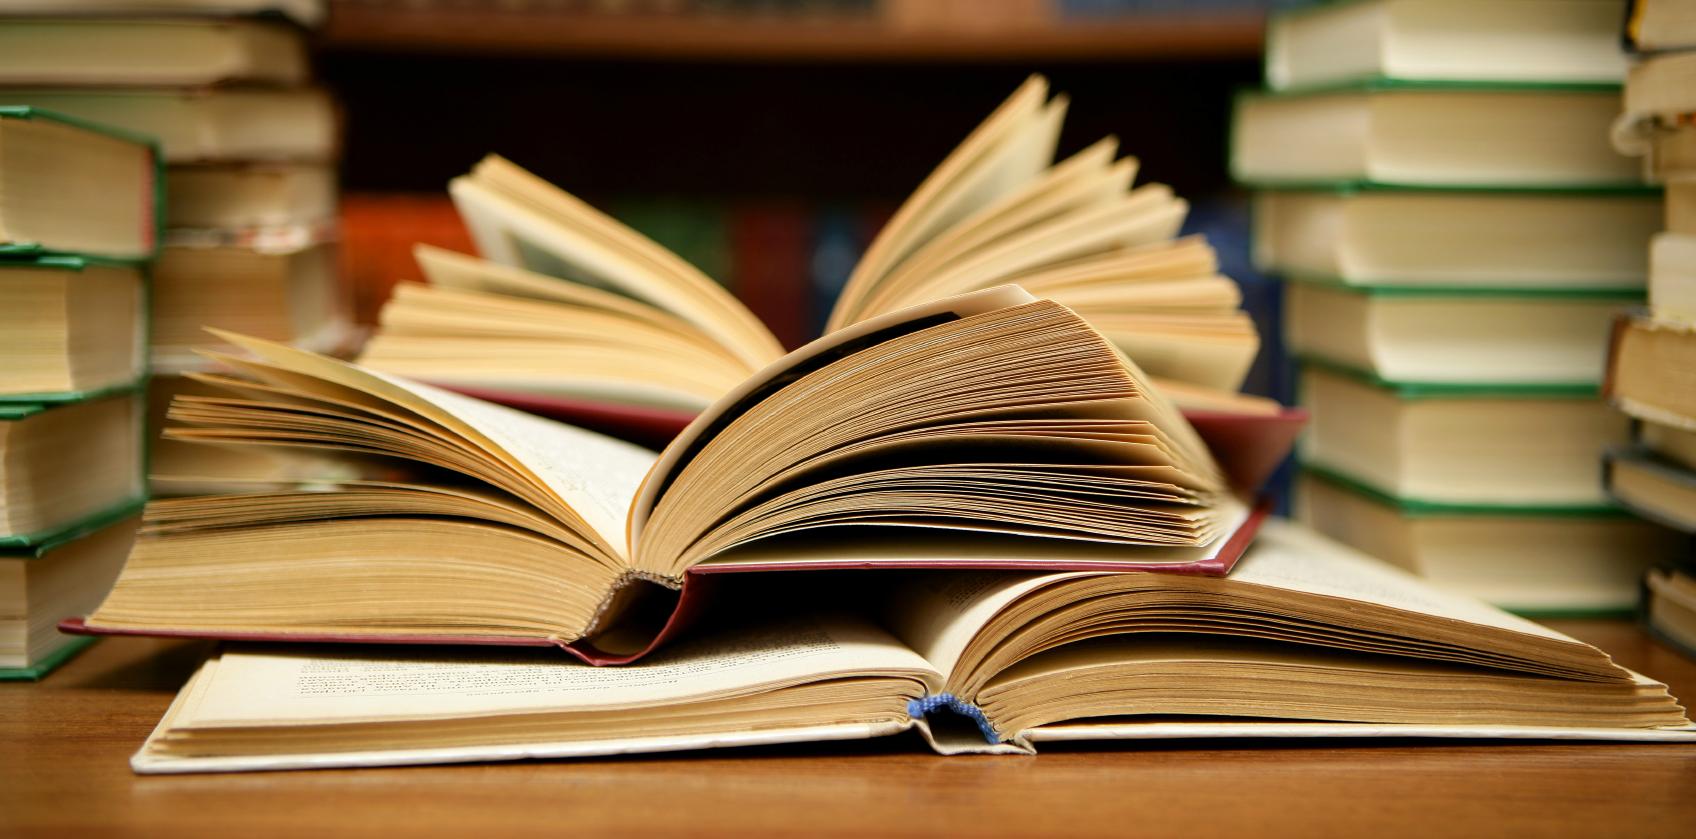 25 migliori libri classici da leggere nella vita gizzeta ForLibri Da Leggere